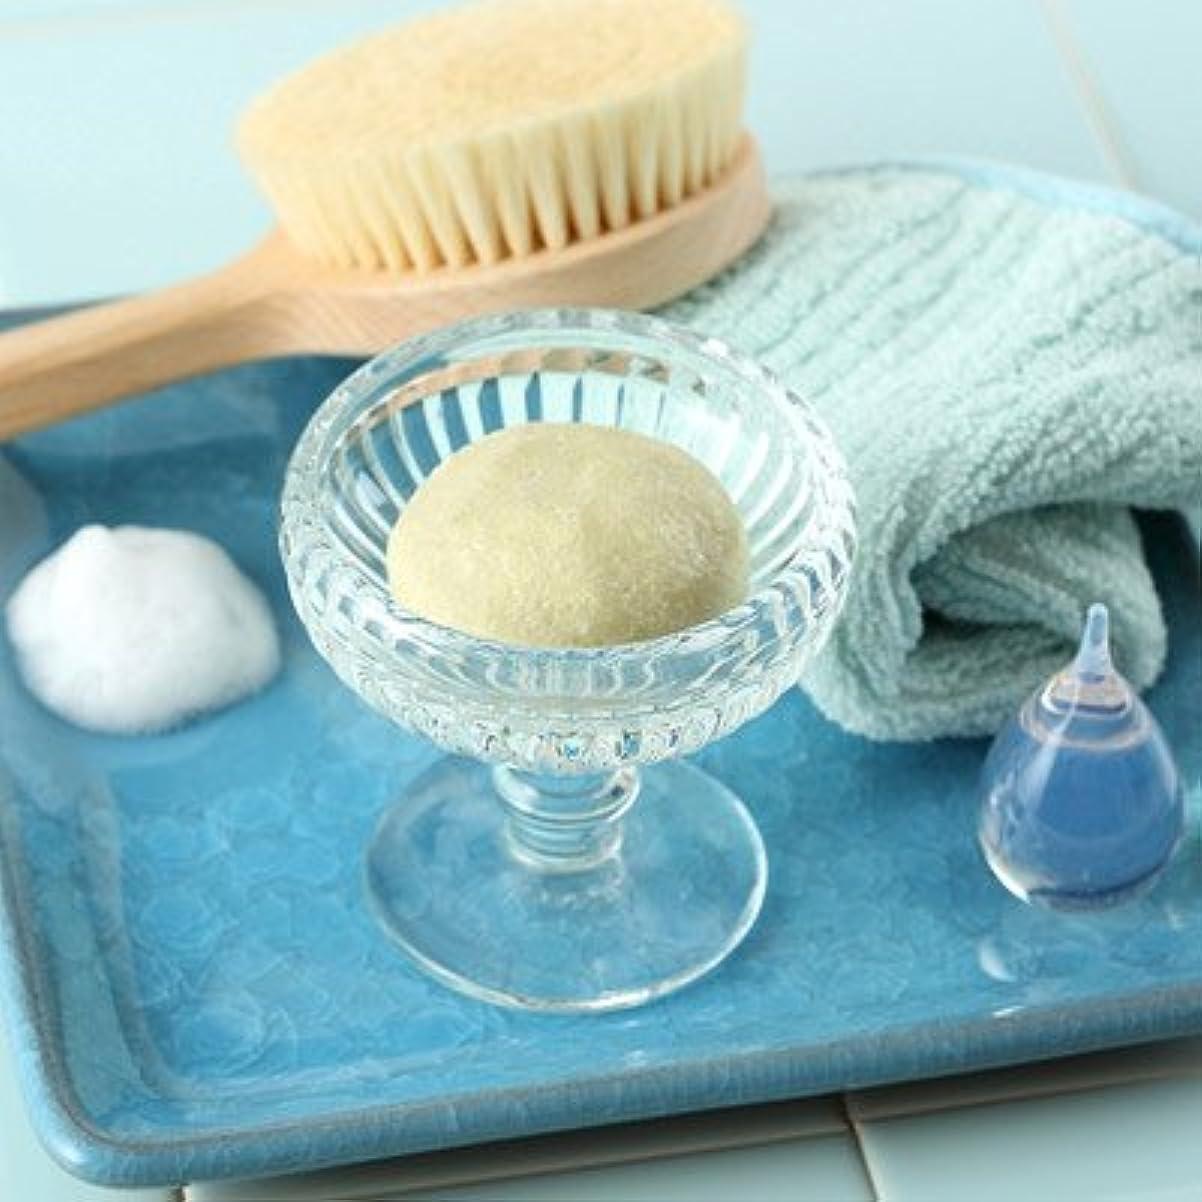 余分なきらめくピカリング敏感肌の方にも安心してお使いいただける石鹸 玉川小町「シルクと白樺の無添加手練り石けん(極)80g」